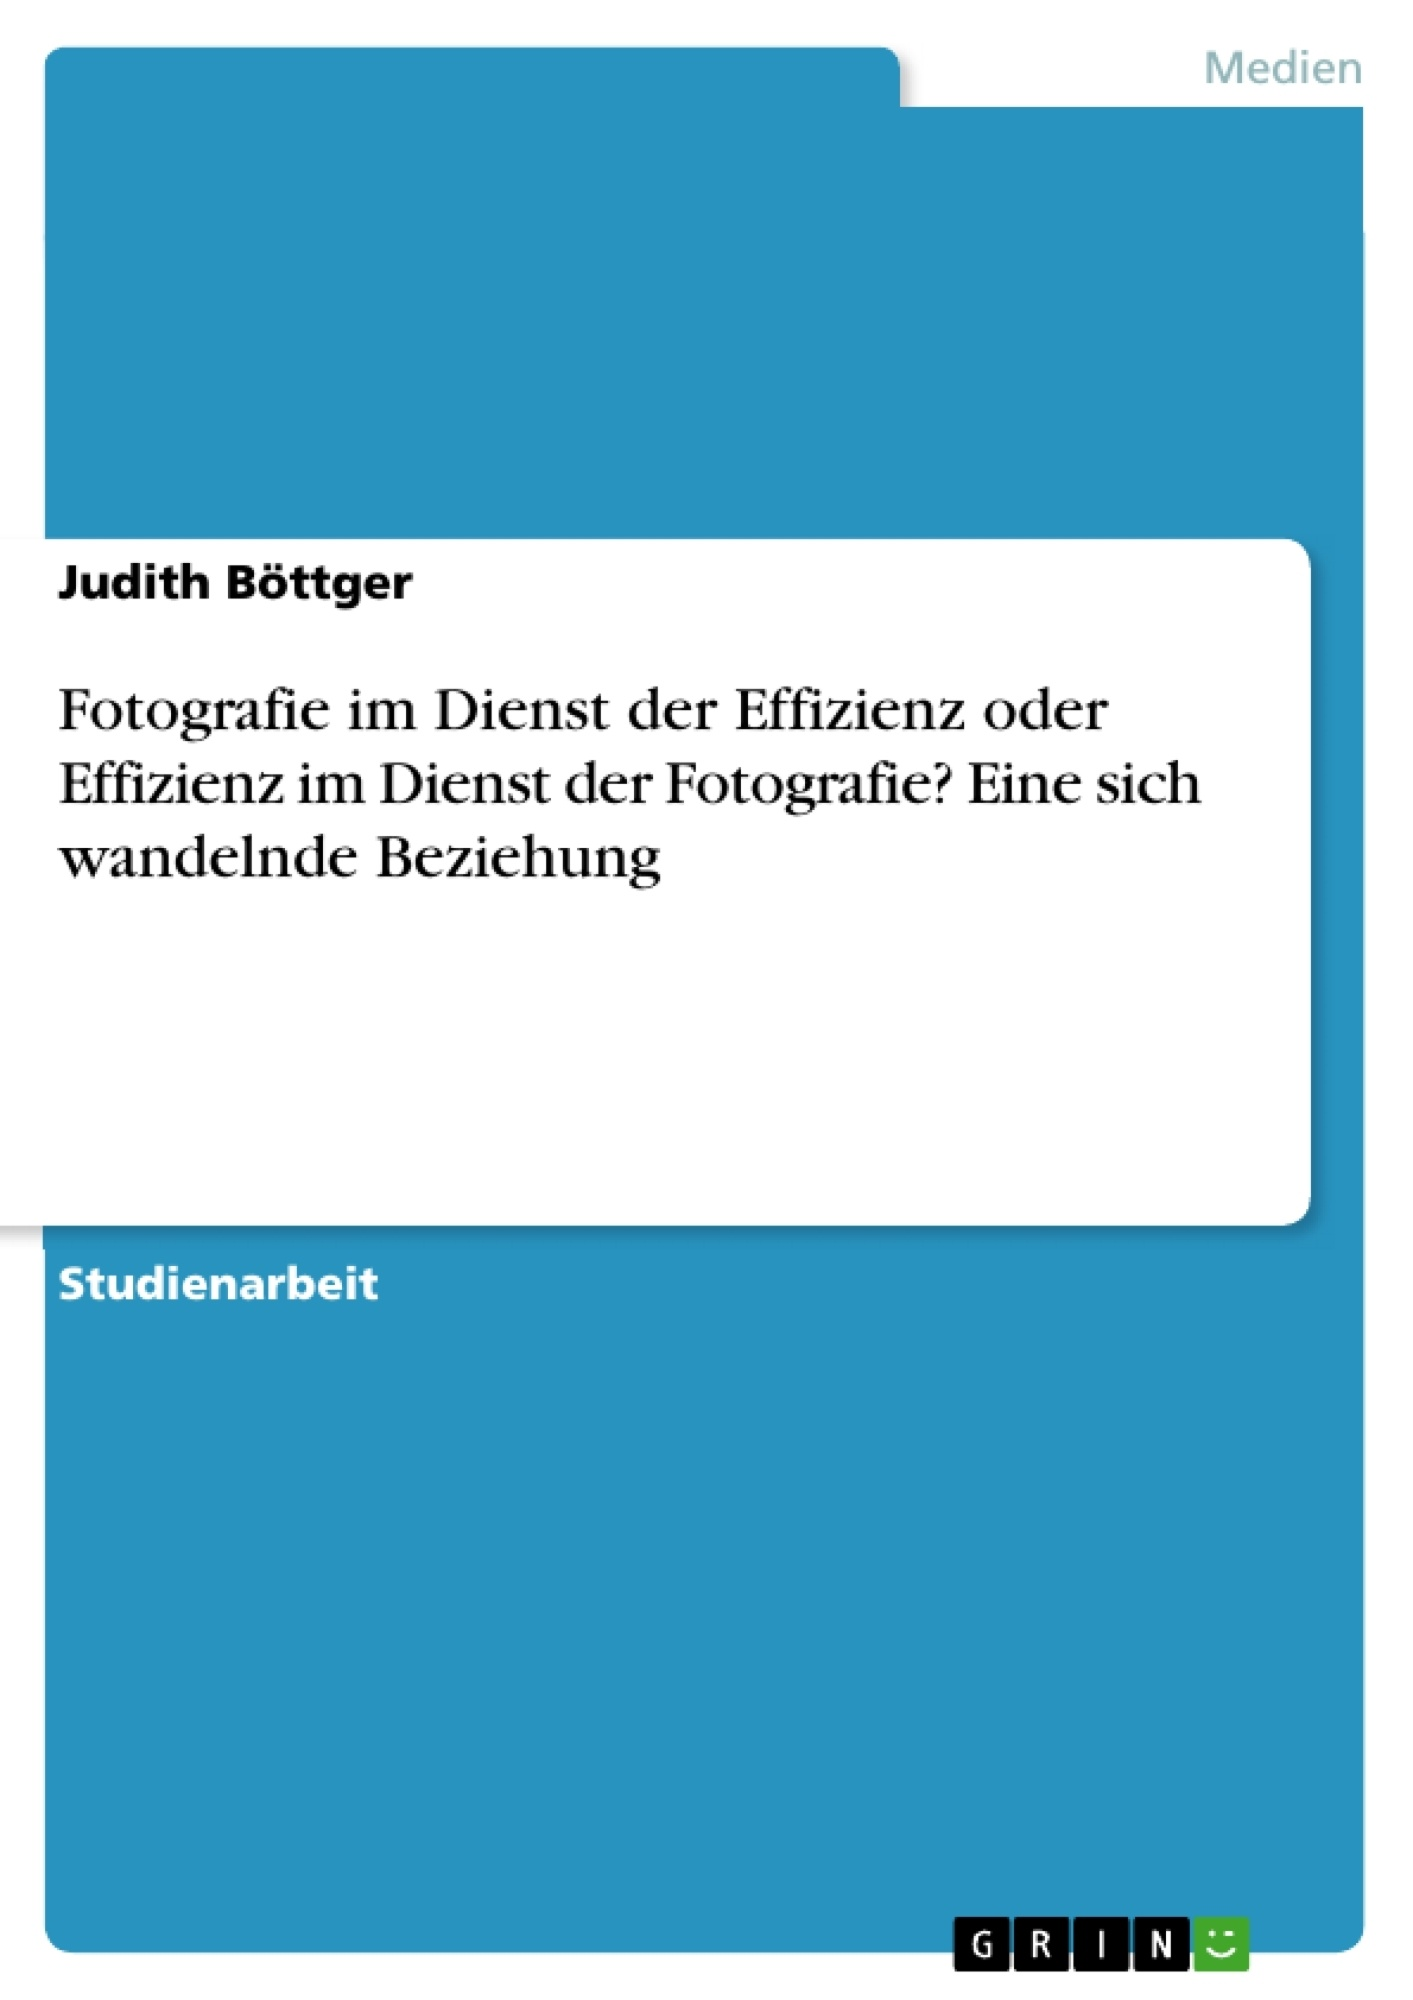 Titel: Fotografie im Dienst der Effizienz oder Effizienz im Dienst der Fotografie? Eine sich wandelnde Beziehung